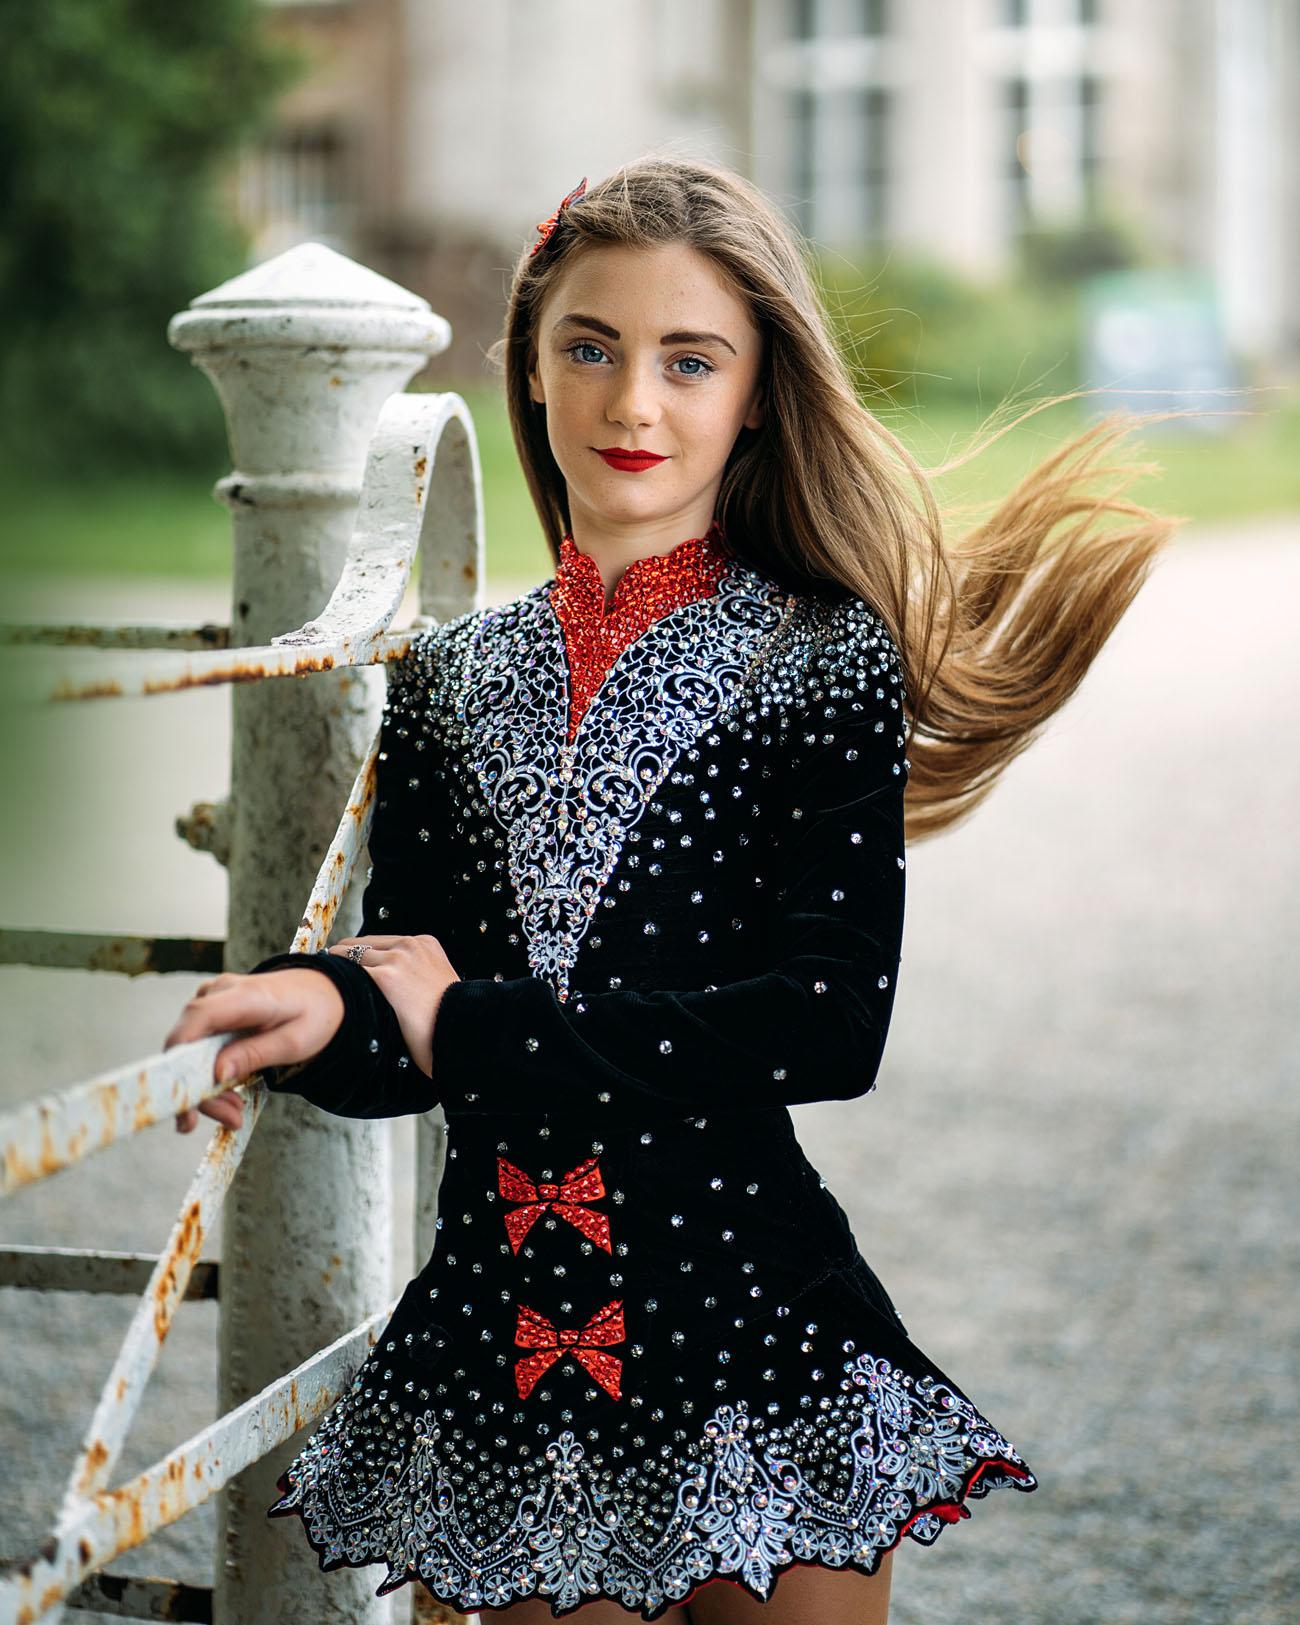 irish-dance-portrait-photographer-dublin-ireland-0008.jpg